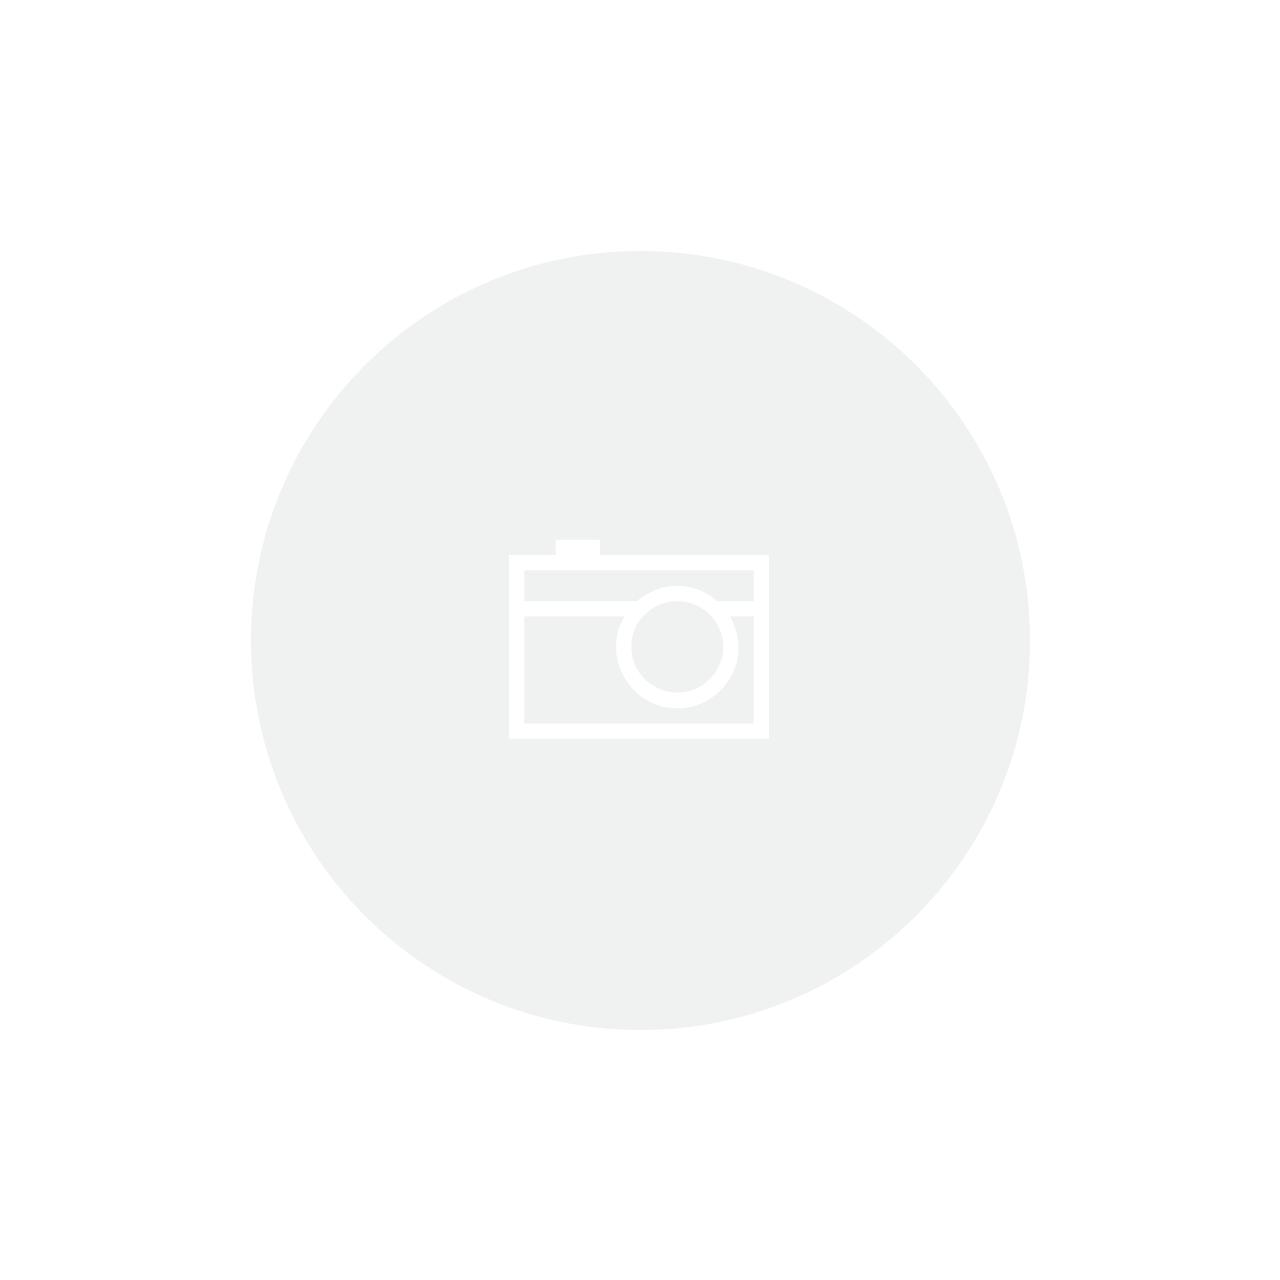 Sandália linda com flores feitas artesanalmente